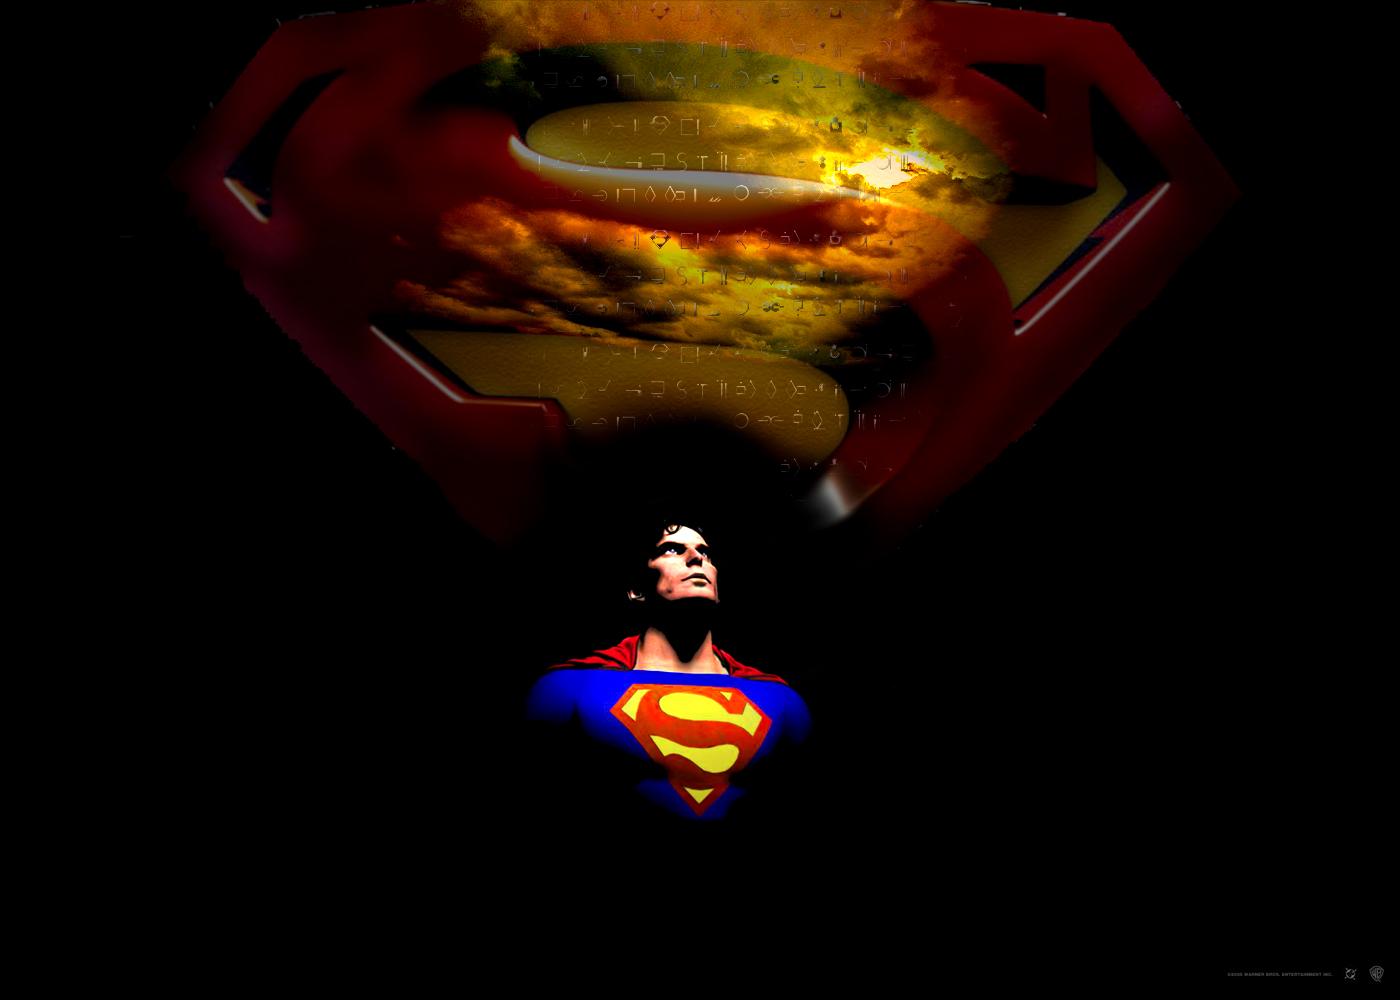 Superman Wallpapers de Superman Fondos de escritorio de Superman 1400x1000